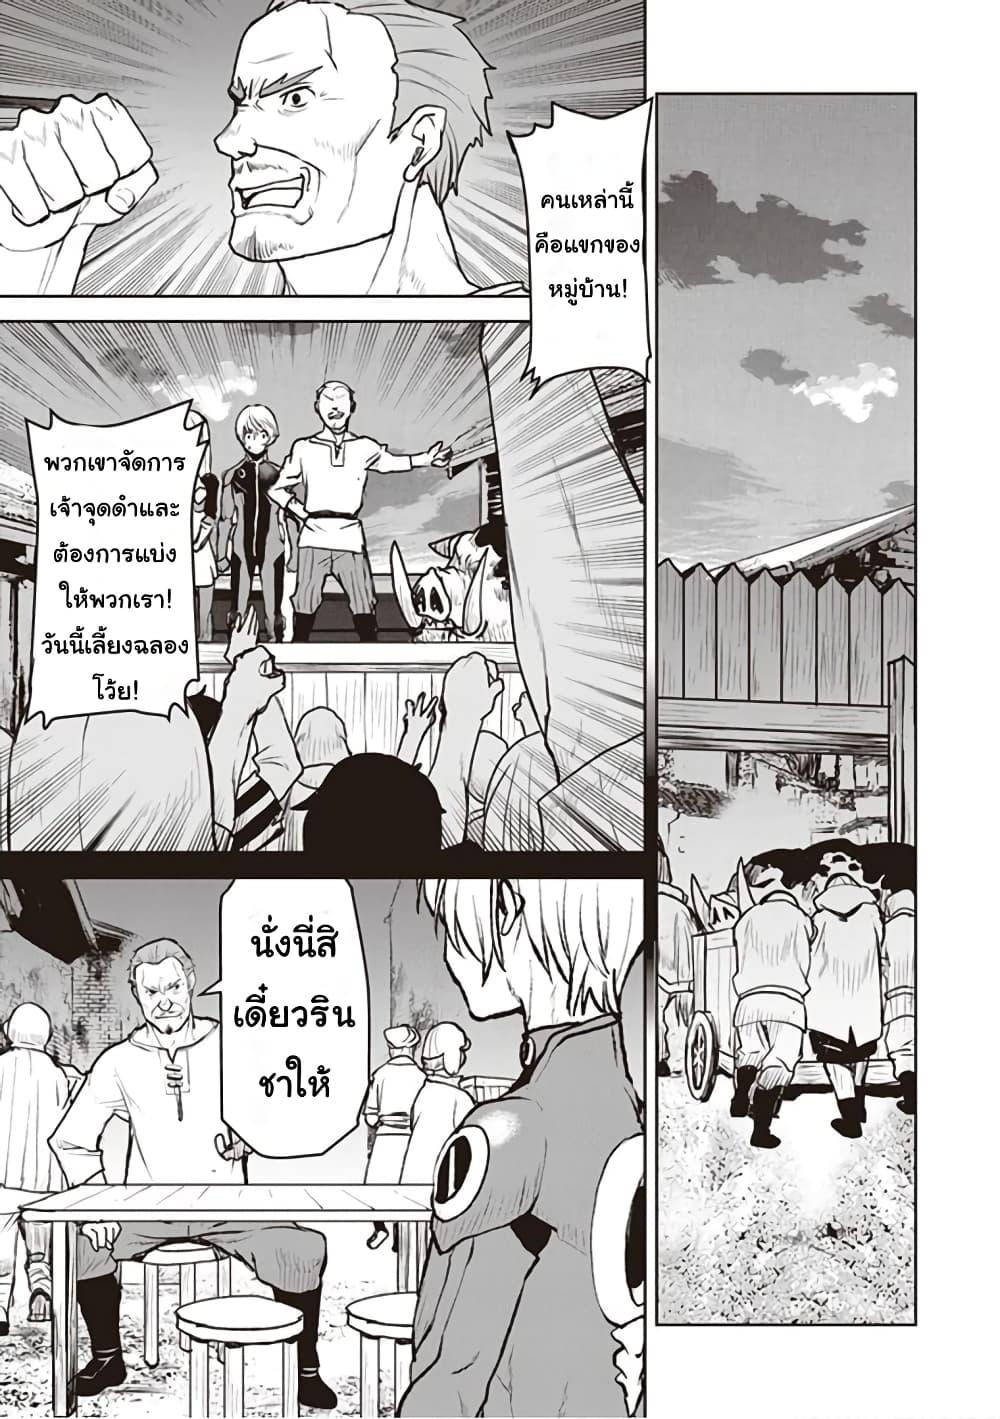 อ่านการ์ตูน The Galactic Navy Officer Becomes an Adventurer ตอนที่ 7 หน้าที่ 26